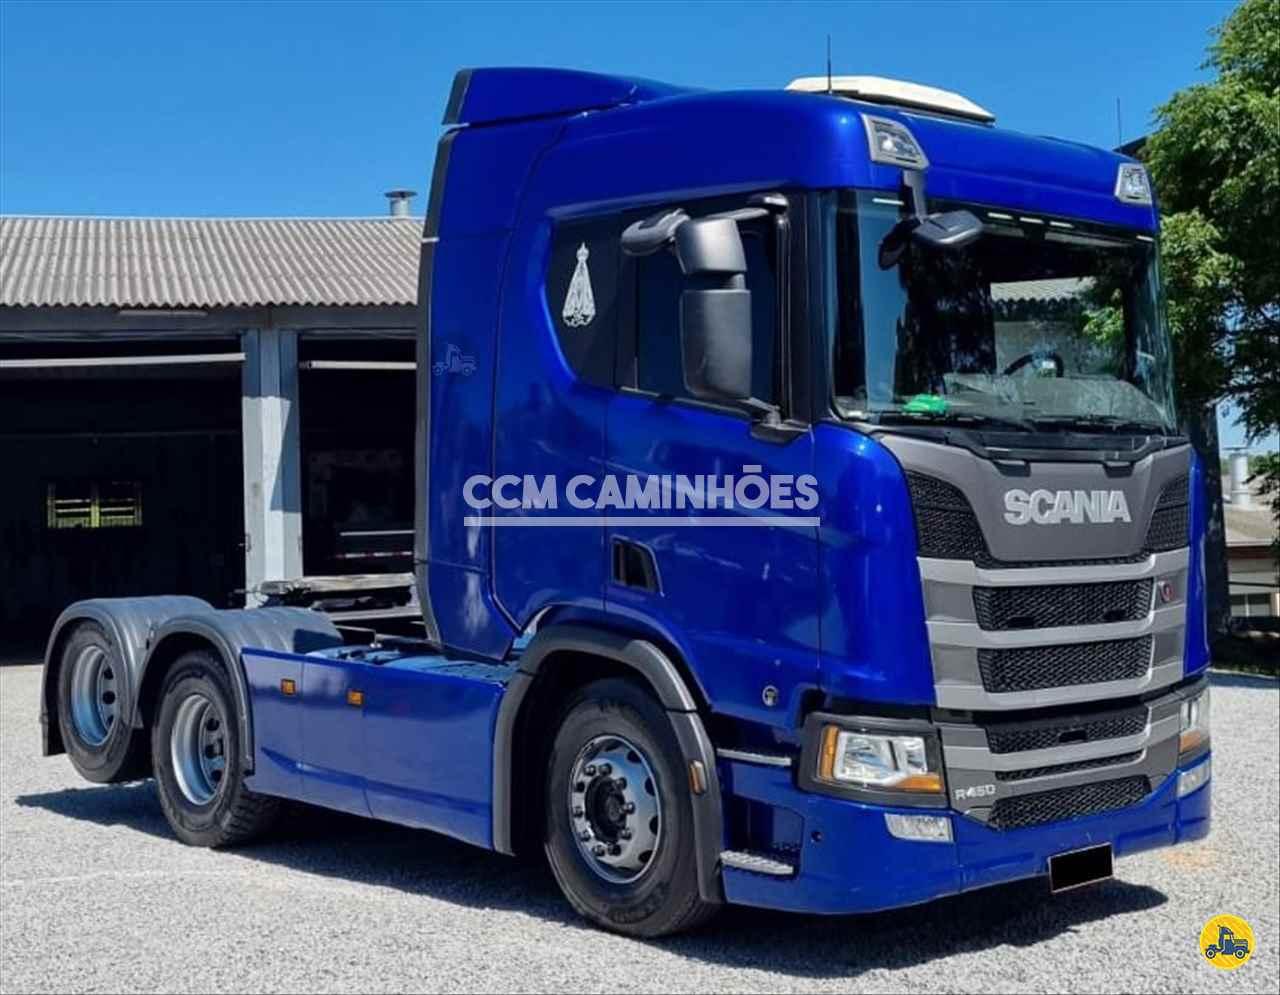 CAMINHAO SCANIA SCANIA 450 Cavalo Mecânico Truck 6x2 CCM Caminhões GOIANIA GOIAS GO